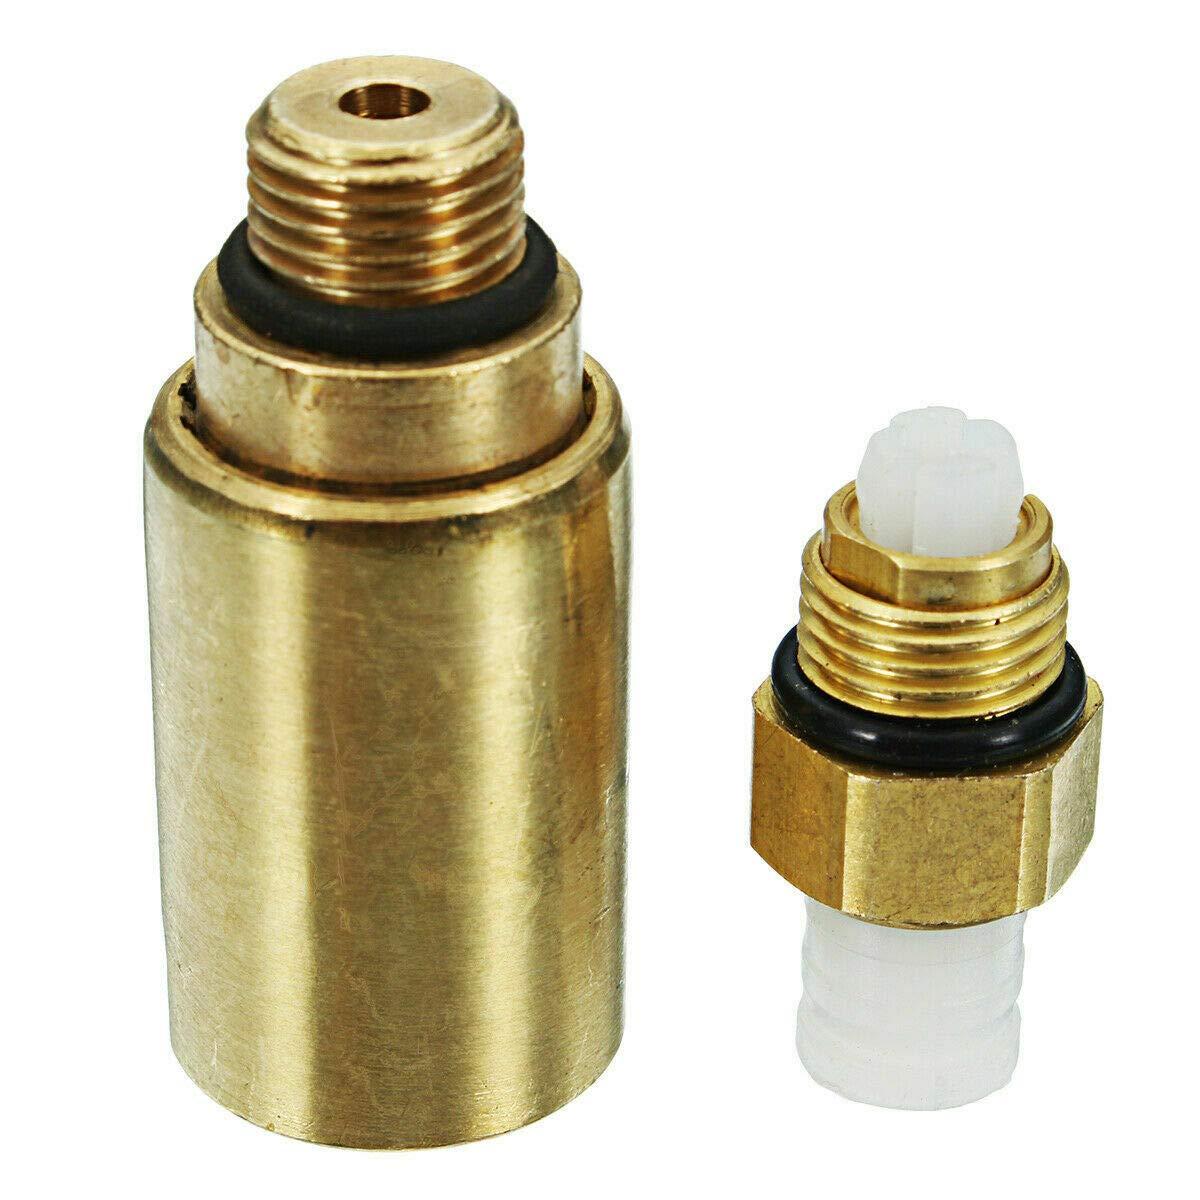 Sunwan 7L0616813 Vanne de pression pour suspension pneumatique pour A udi Q7 Volks-wagen V-W T0UAREG CYE NNE